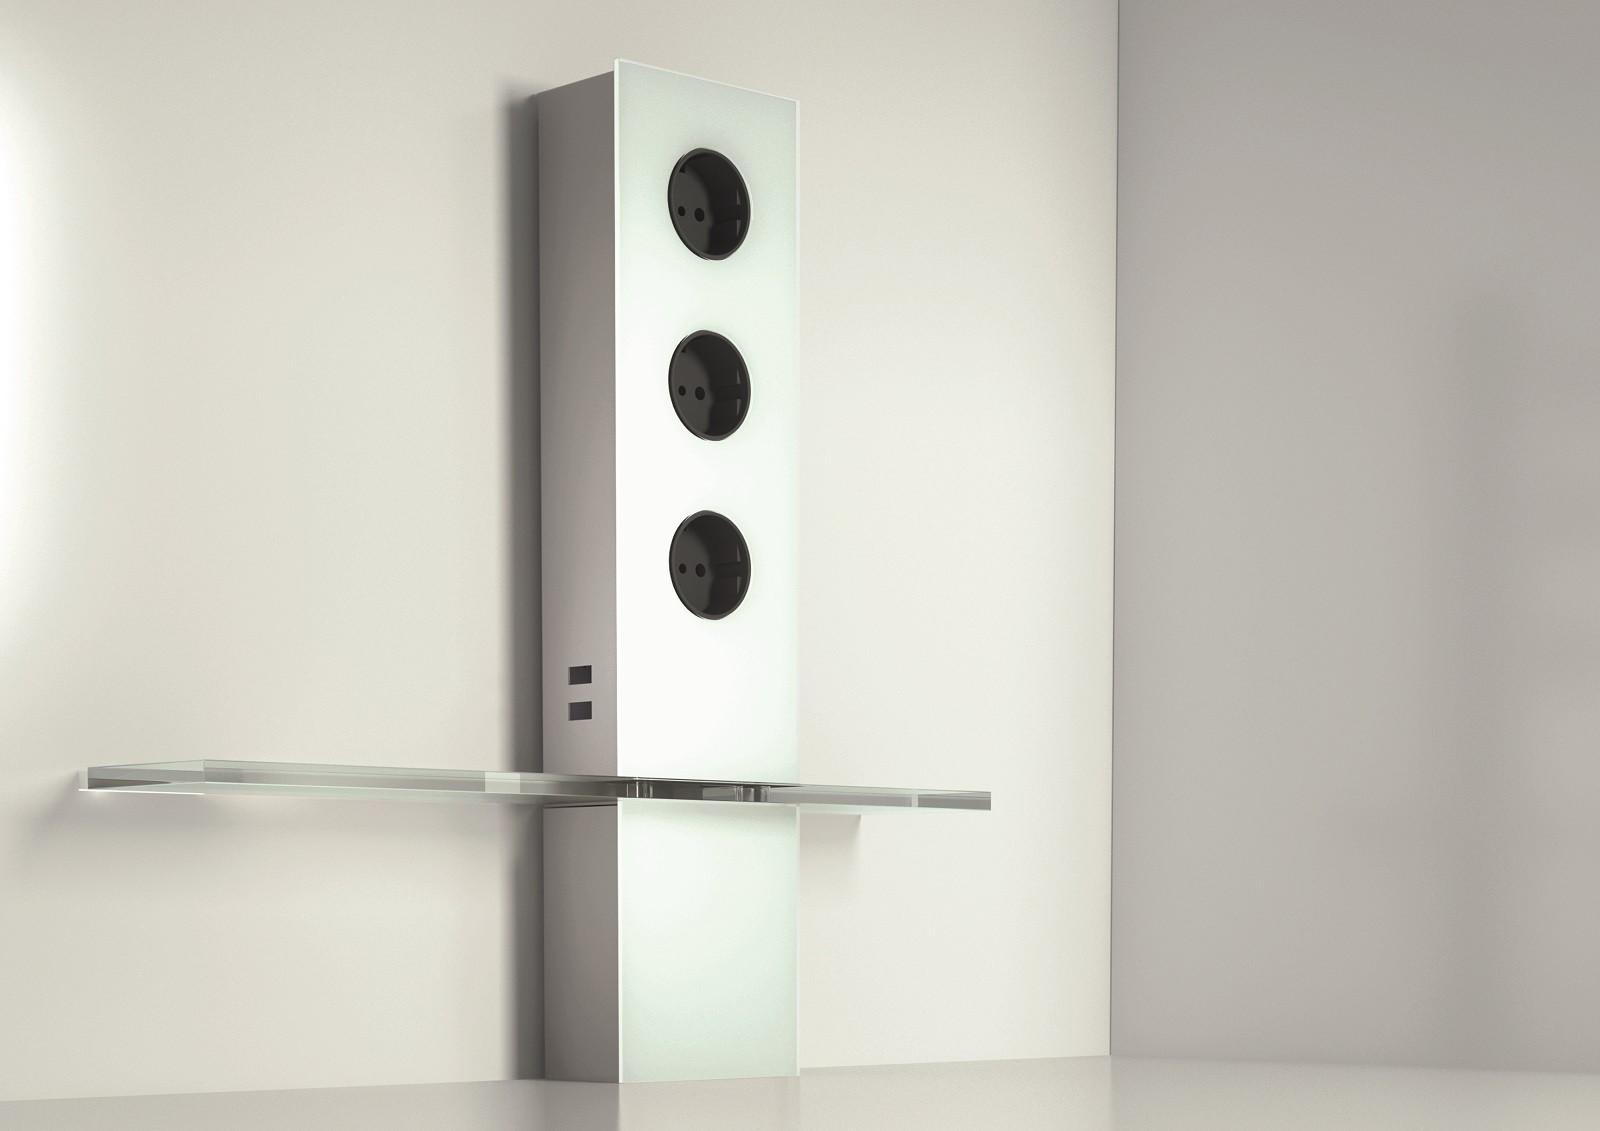 steckdoseneinheit powerturm aus edelstahl und glas mit. Black Bedroom Furniture Sets. Home Design Ideas